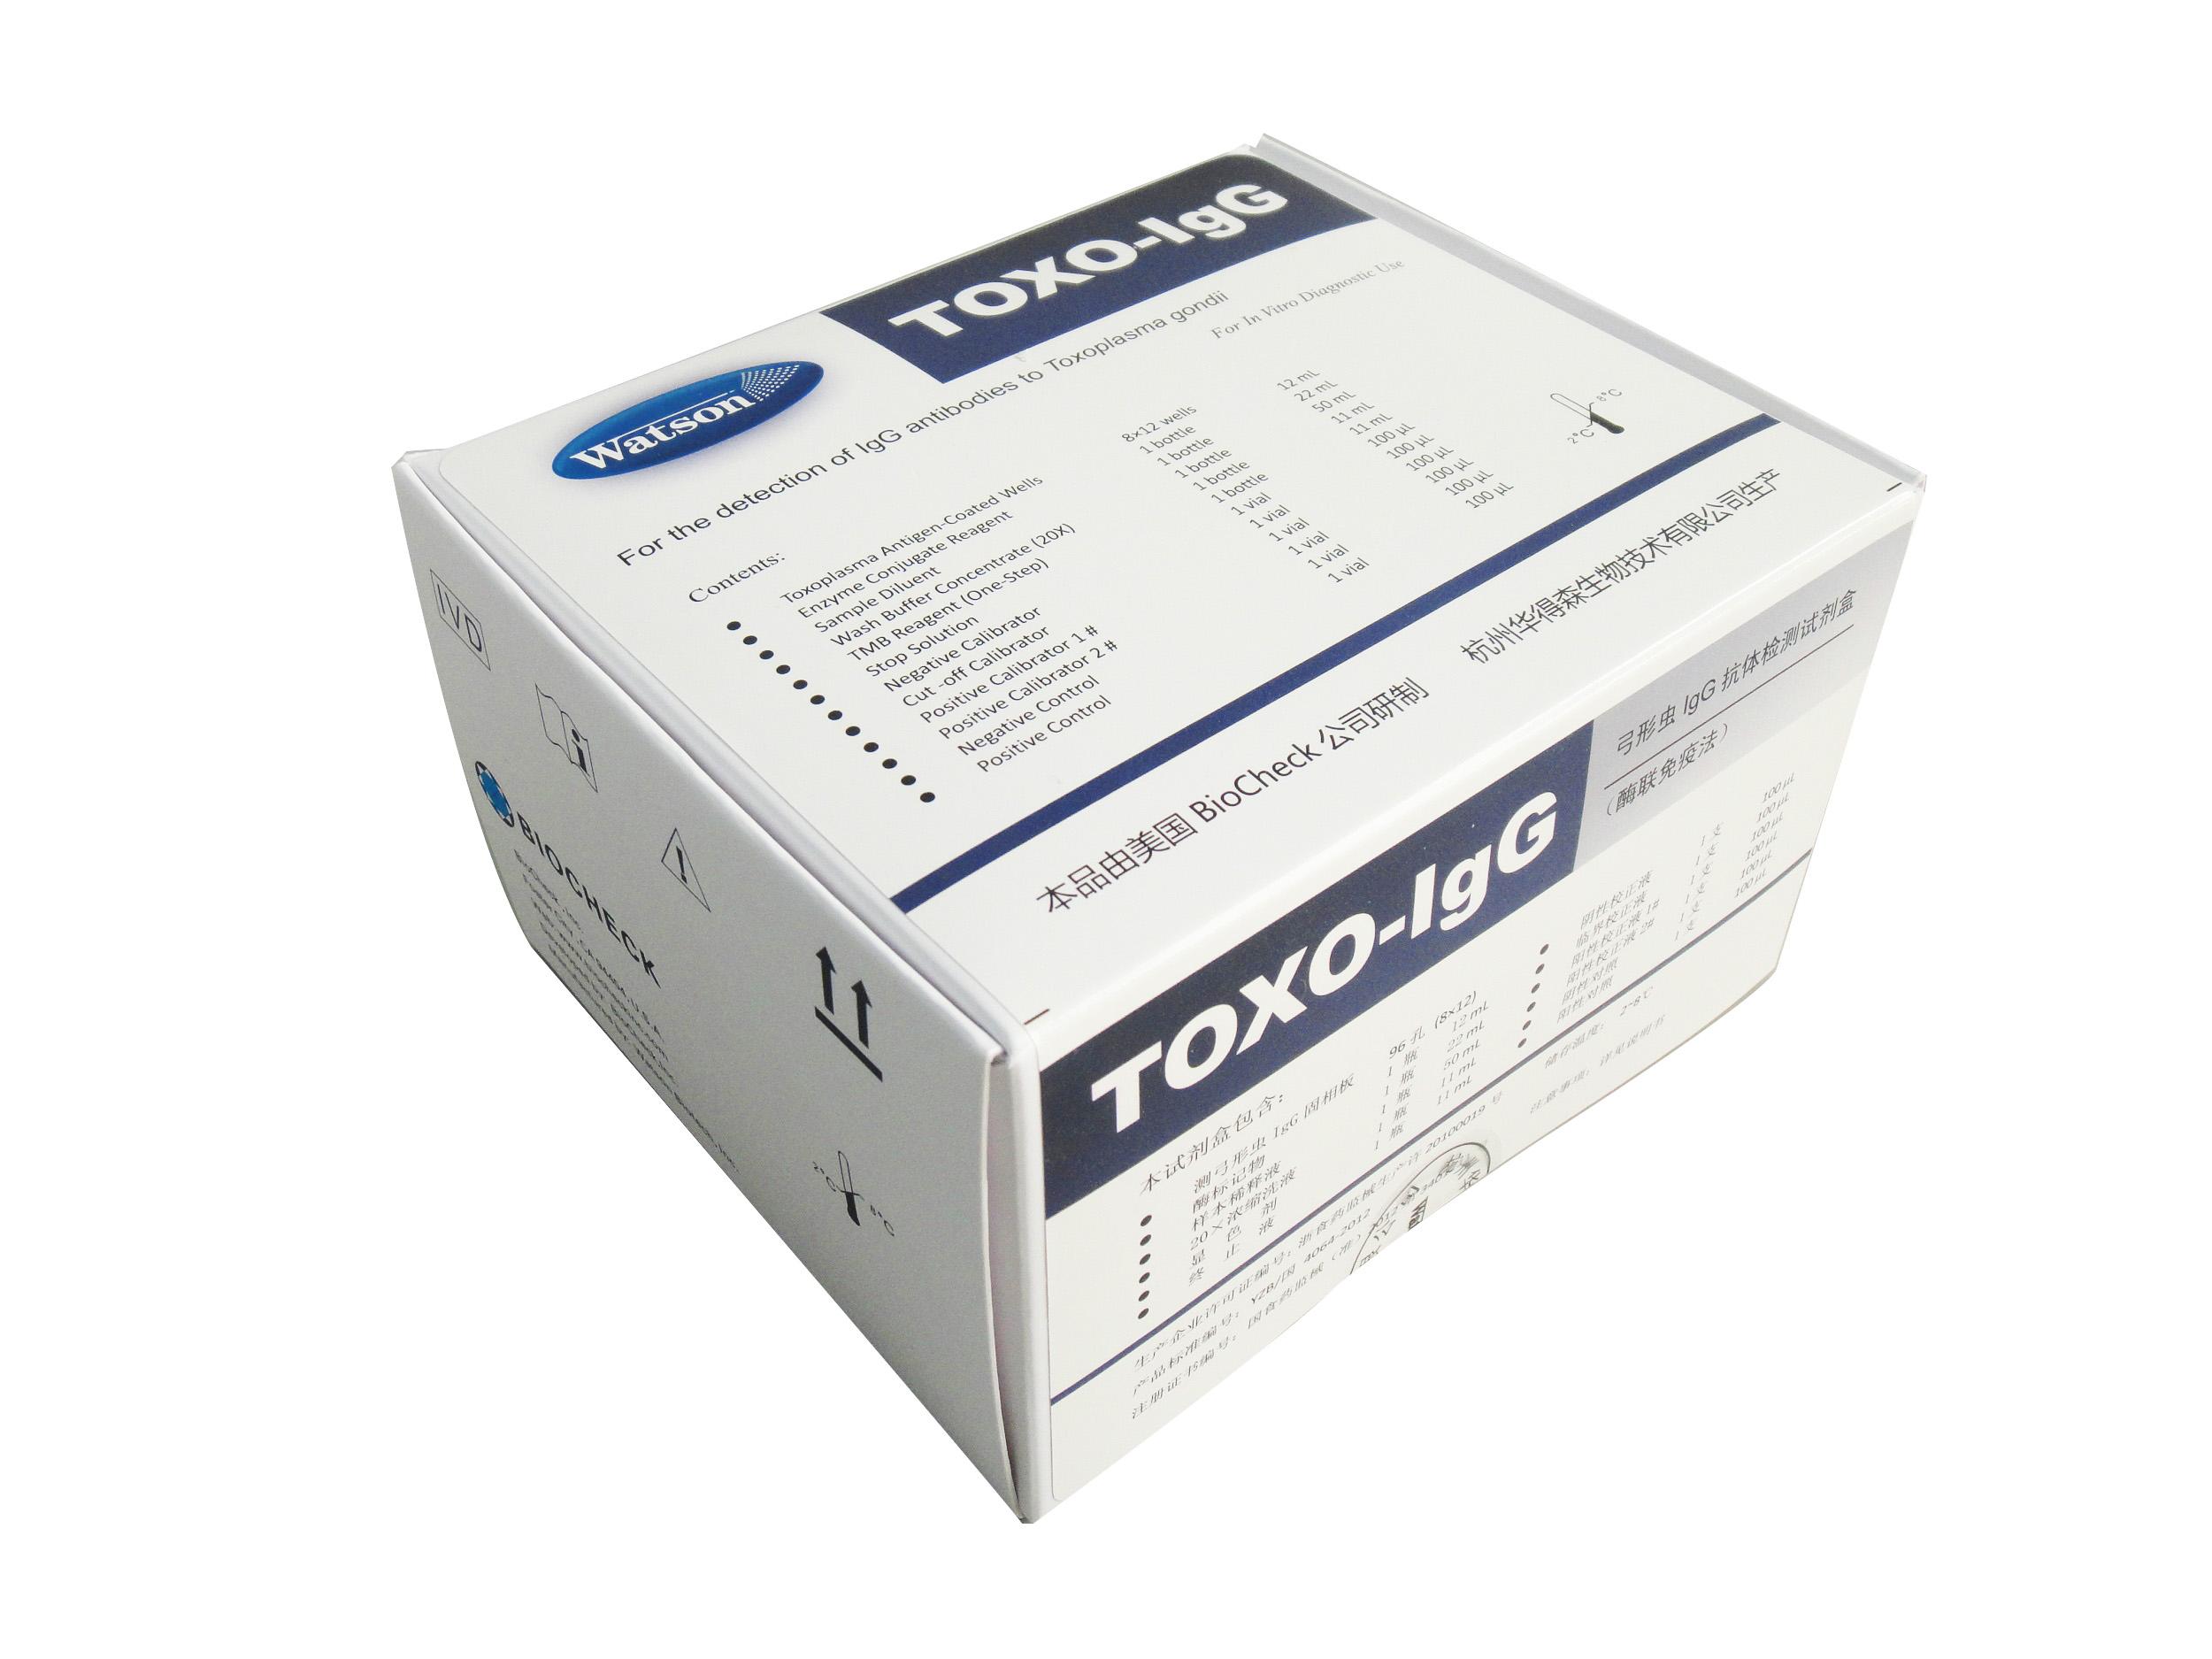 弓形虫IgG抗体检测试剂盒